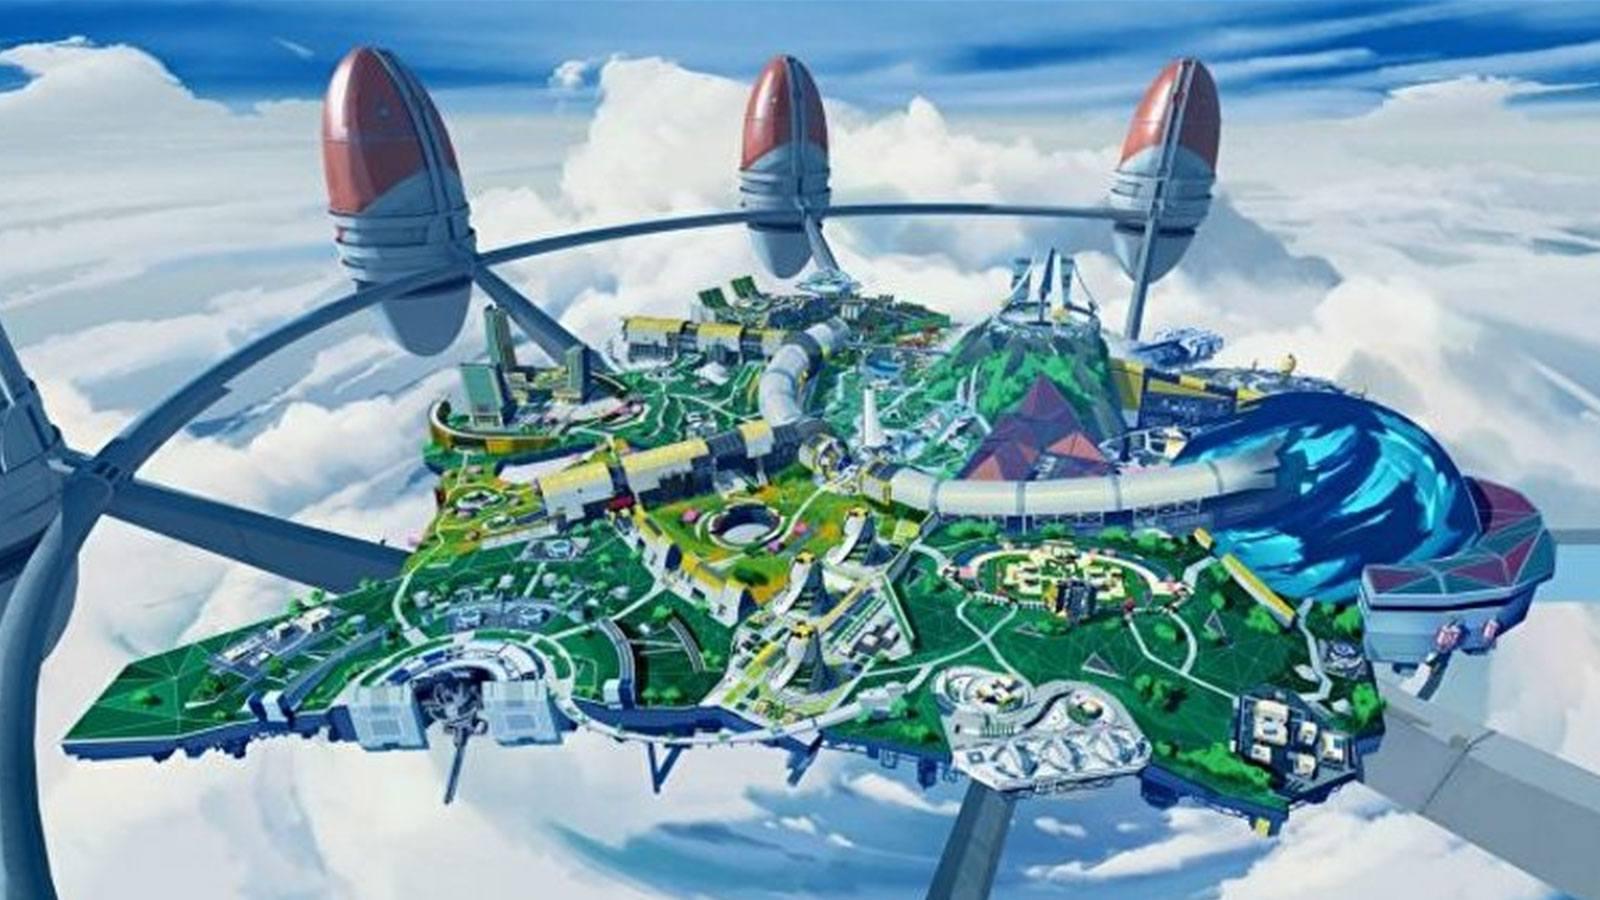 Apex Legends Olympus vue aérienne Respawn Entertainment